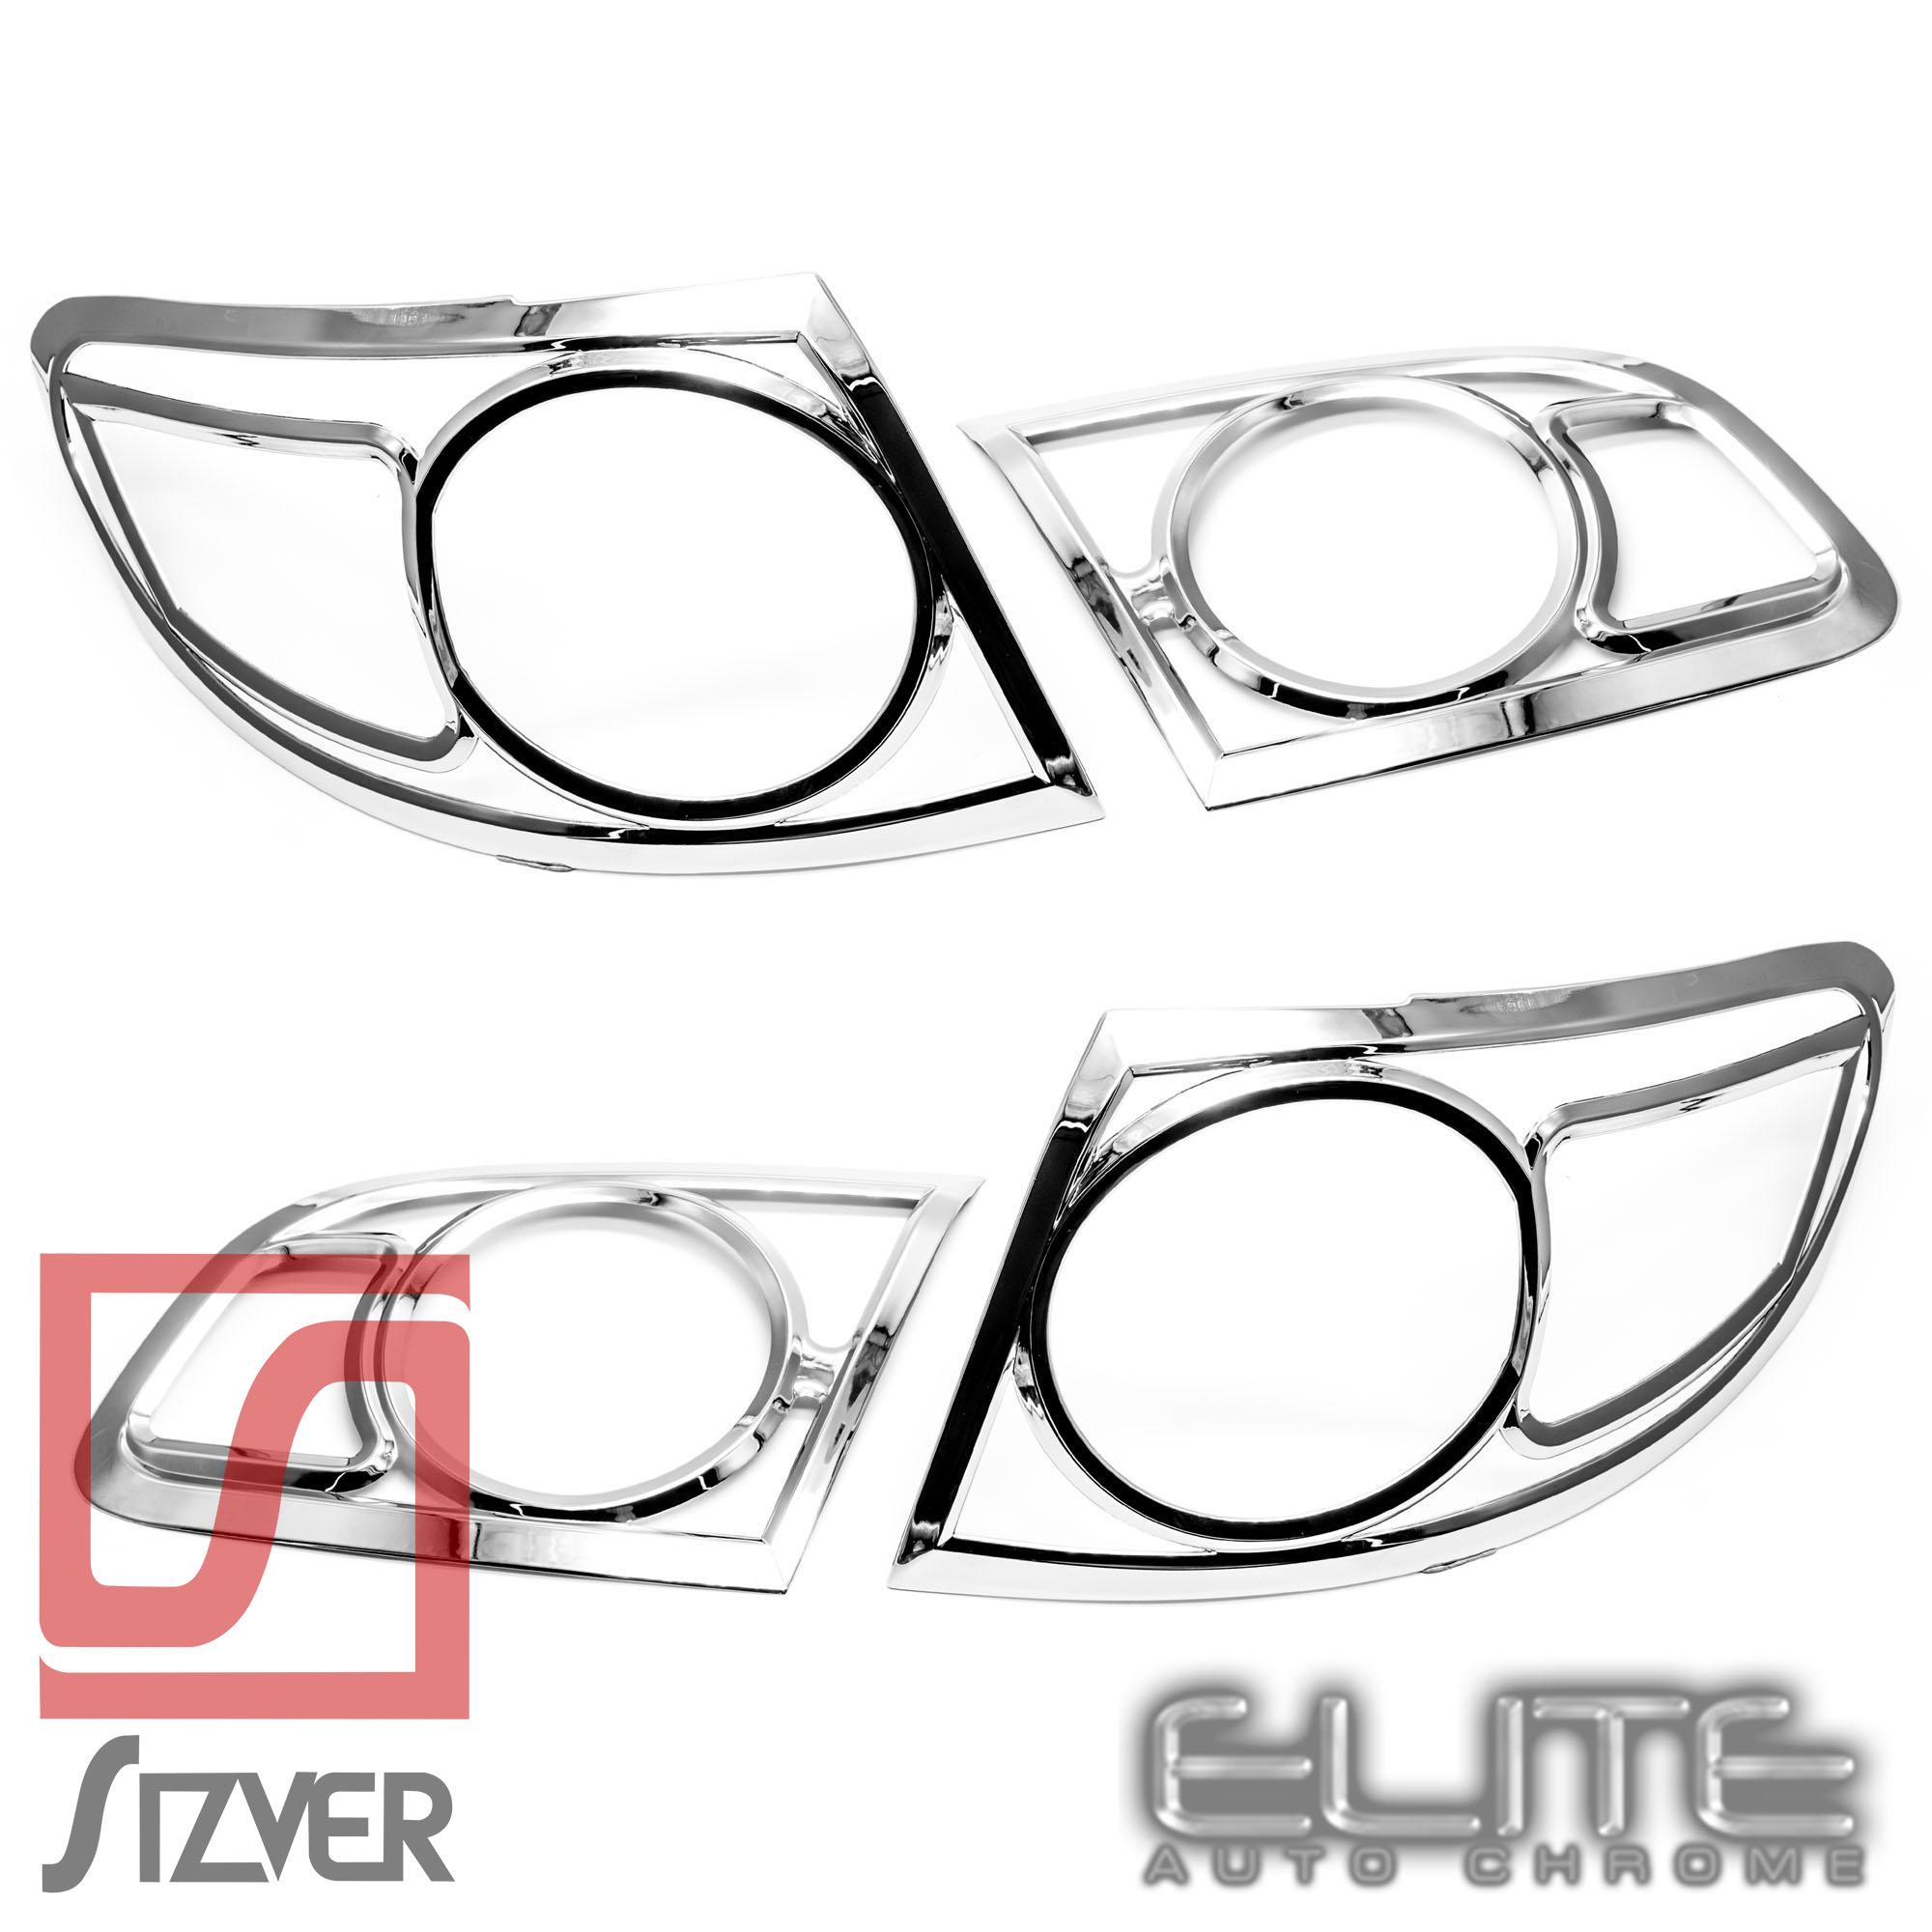 Taillight Bezels Fits Hyundai Santa Fe